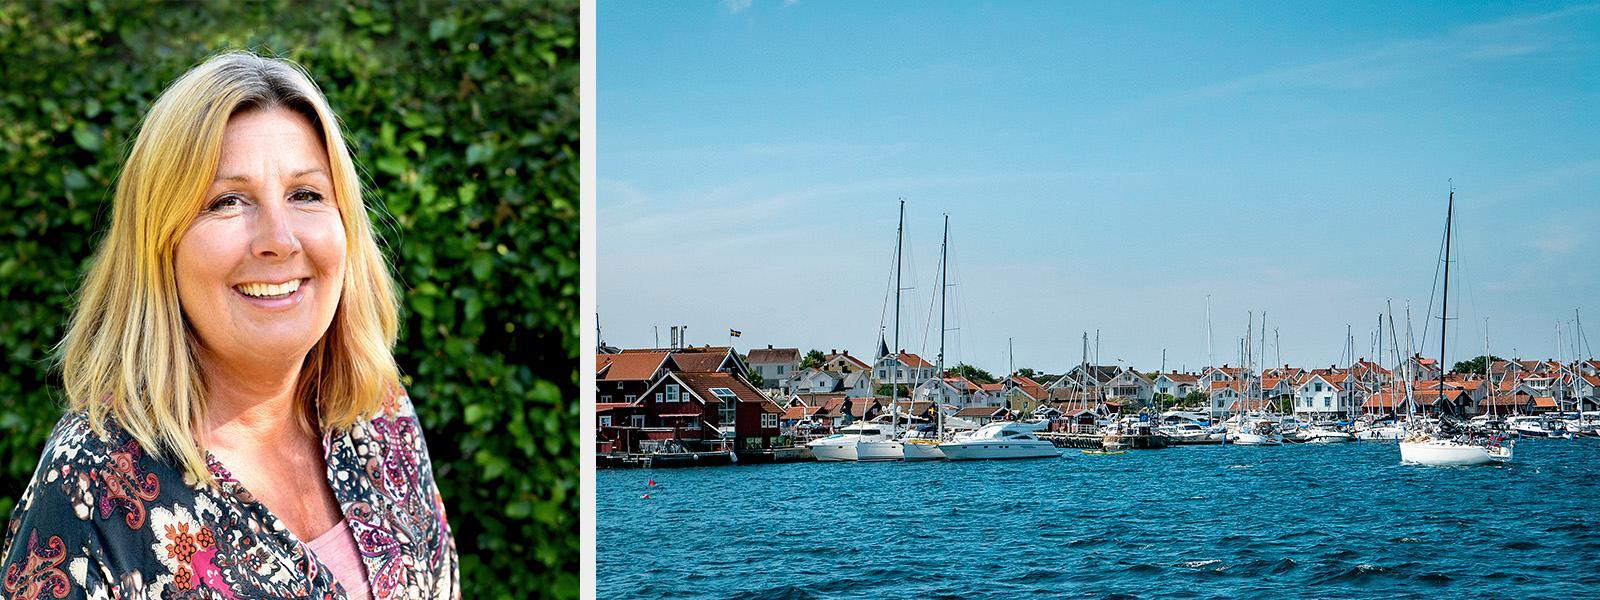 Västkusten har en av världen vackraste skärgårdar, enligt Lena Börtin.